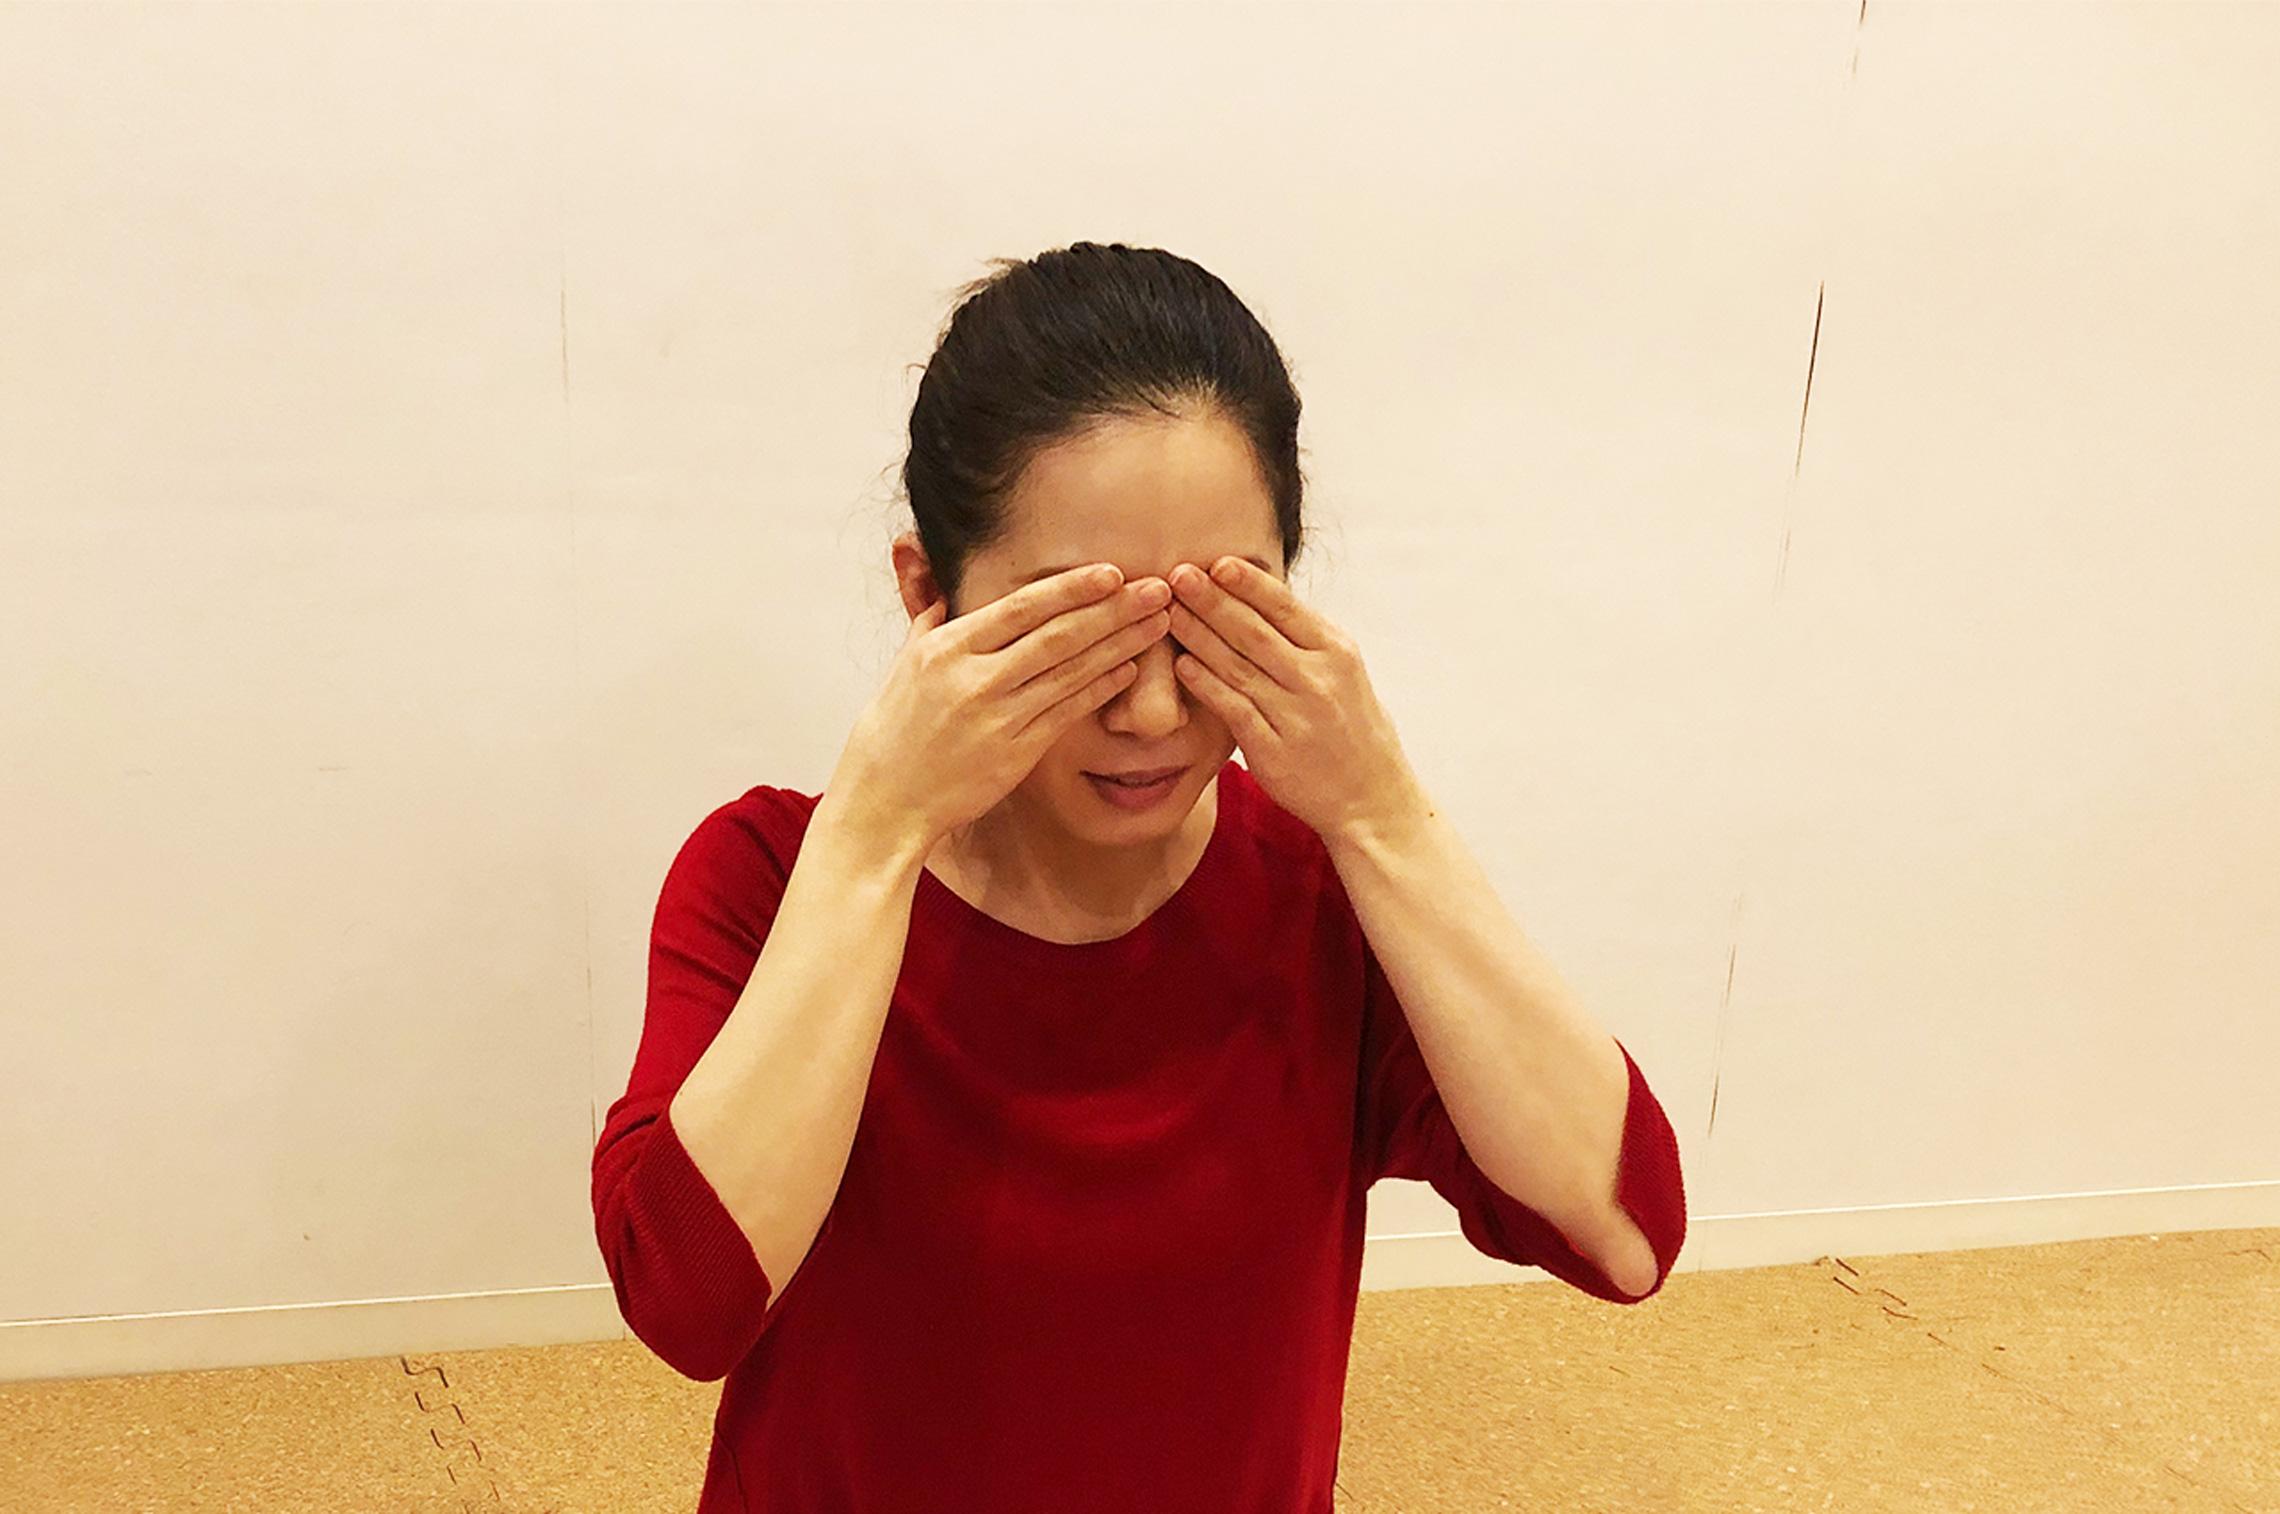 ブラーマリー呼吸法を目を隠して行う女性